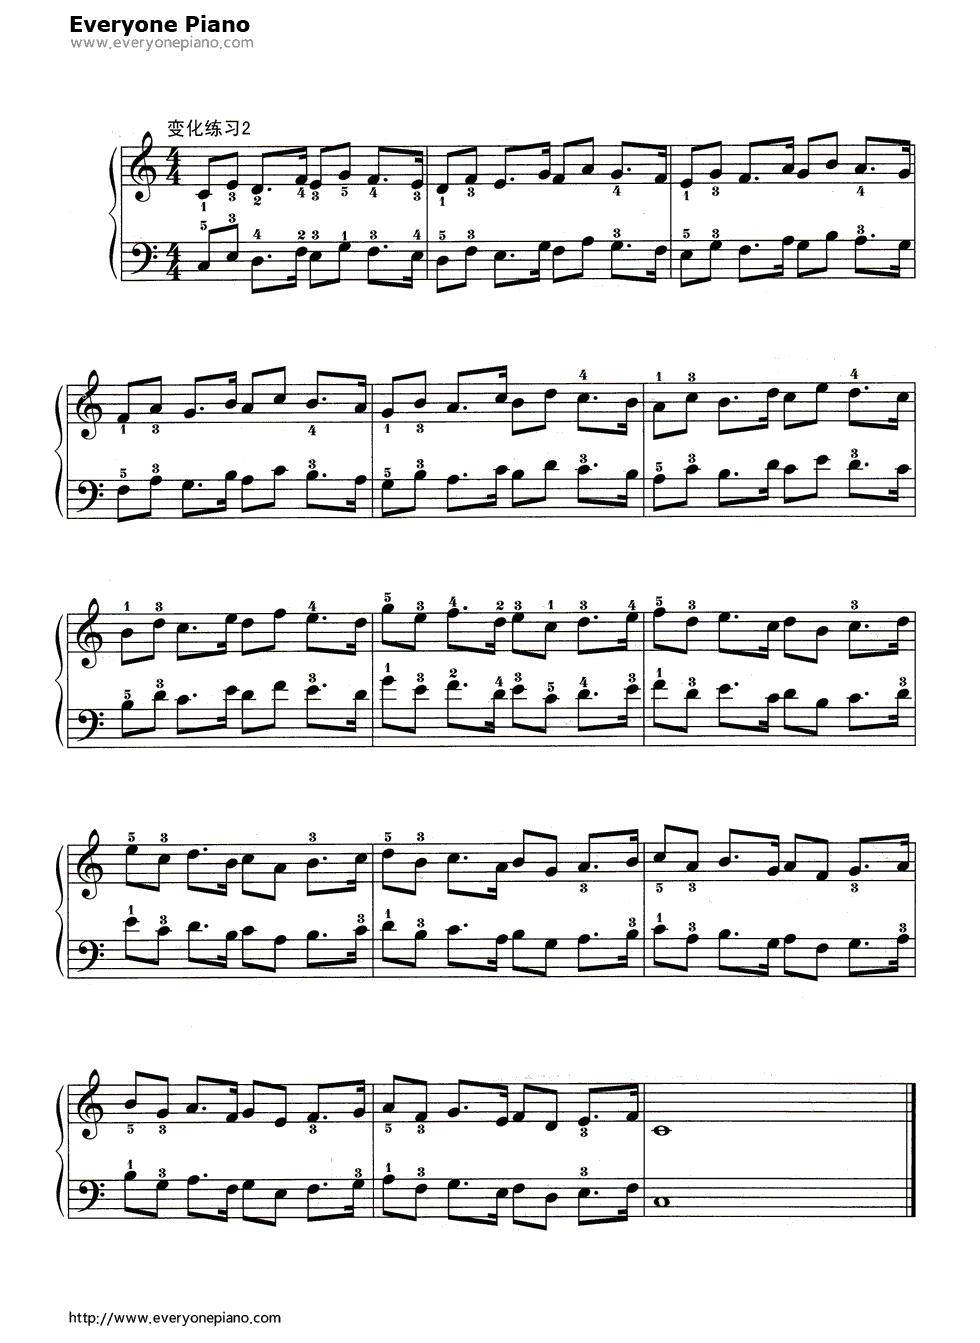 钢琴曲谱 练习曲 哈农基本练习7 哈农基本练习7五线谱预览3  }  仅供